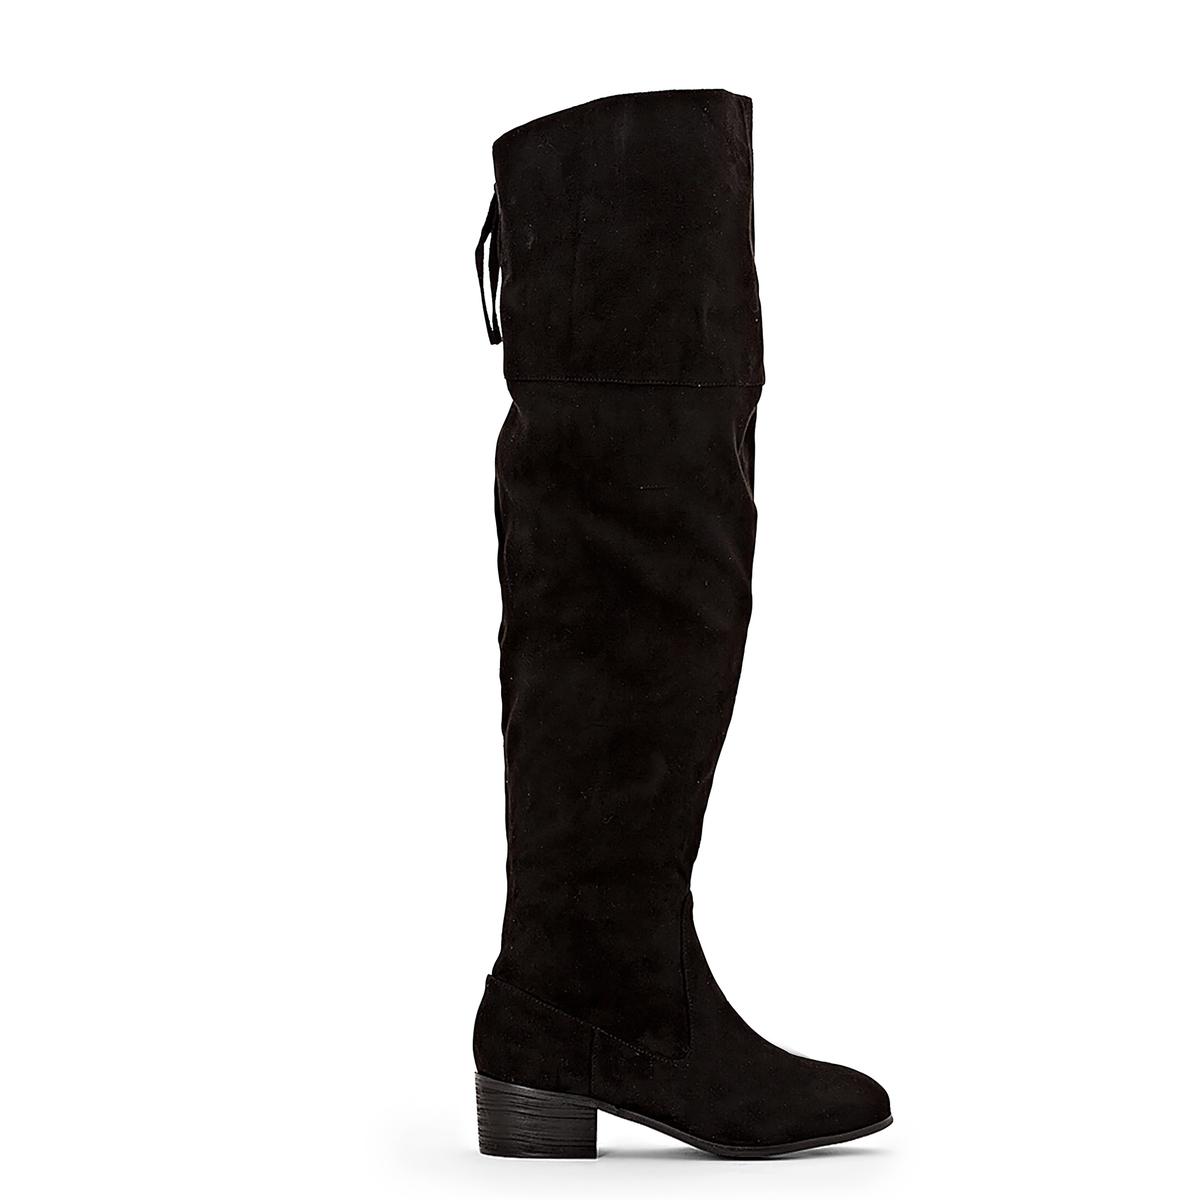 цена на Бофорты La Redoute На молнии на плоском каблуке для широкой стопы размеры - 42 черный